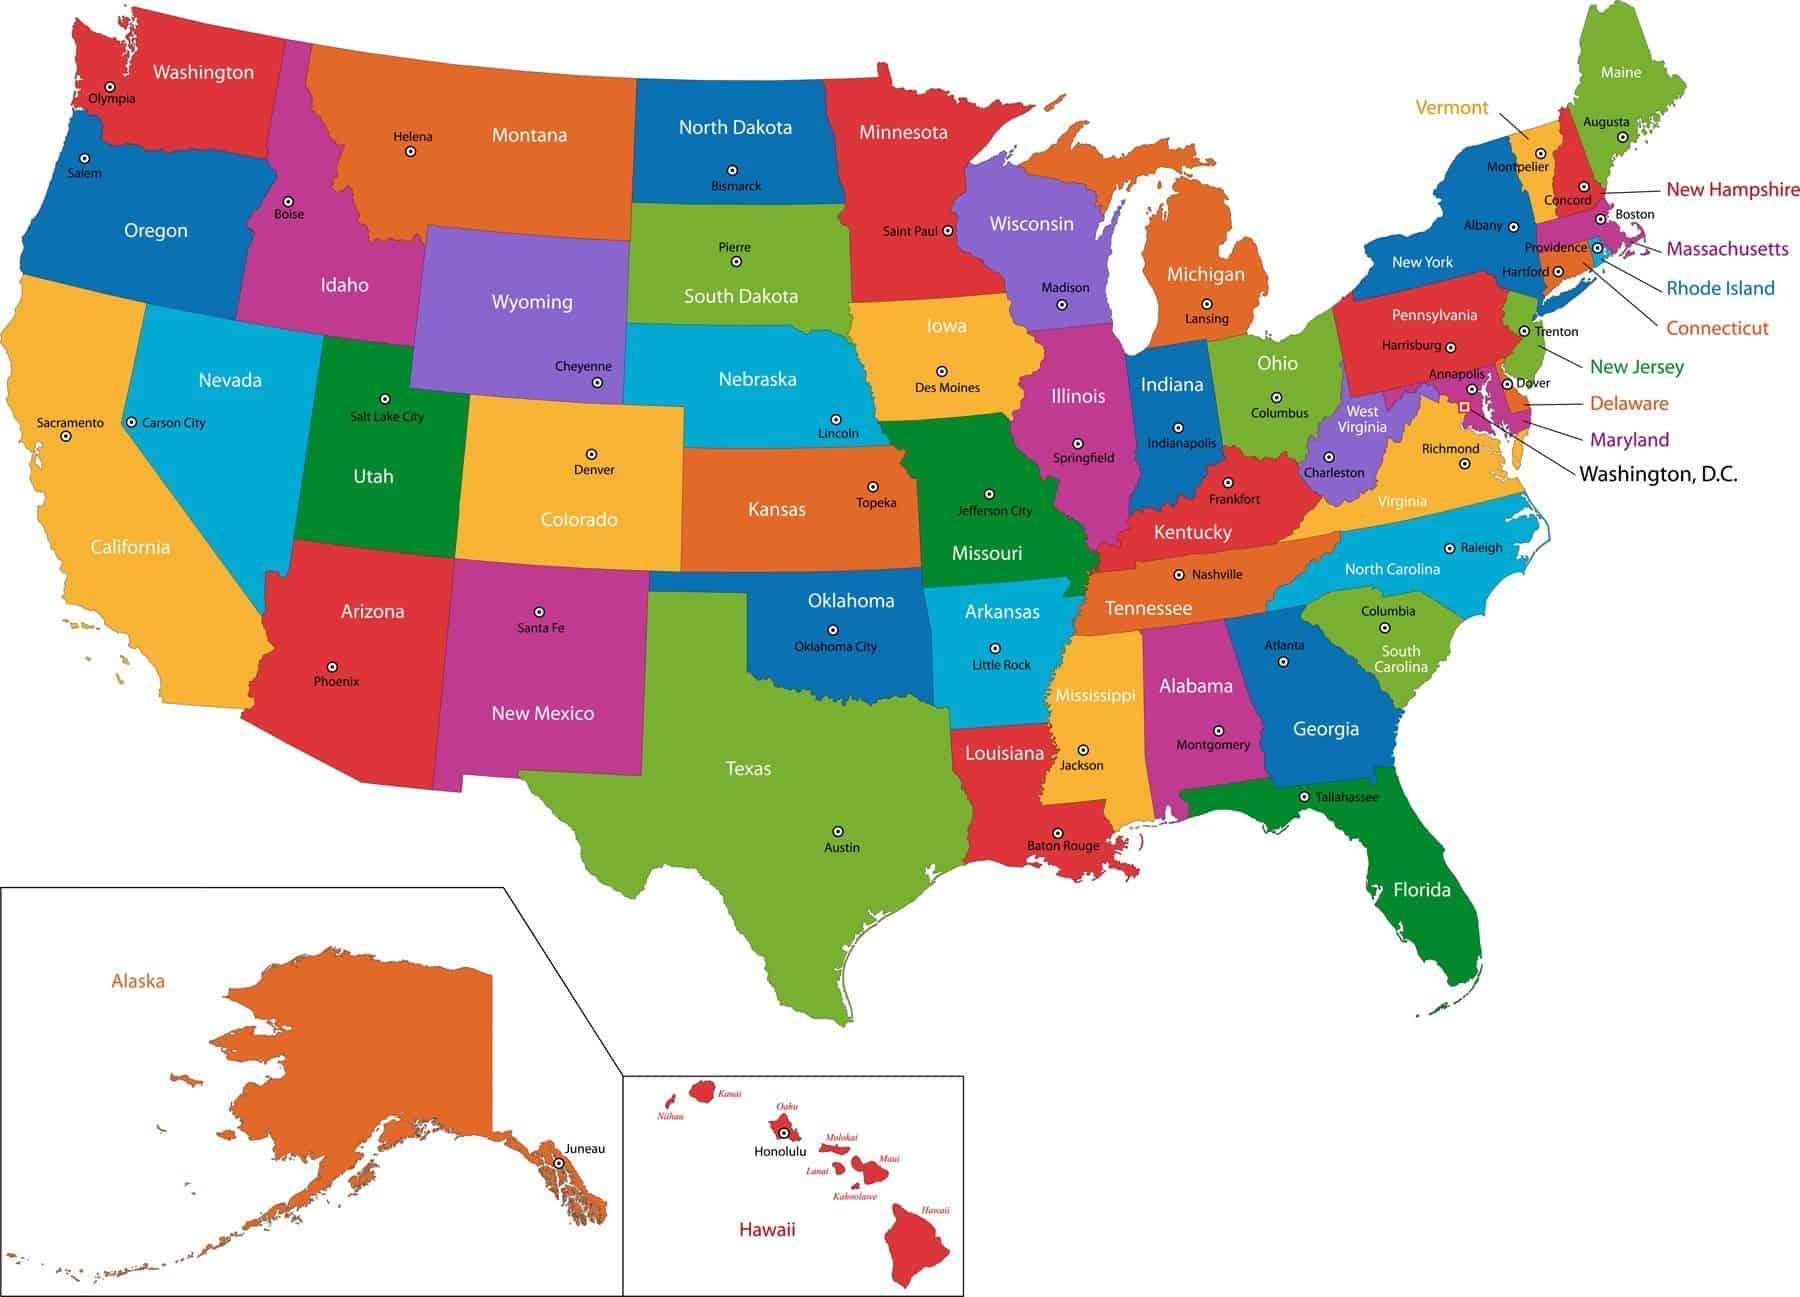 Hvor mange stater er der i USA?